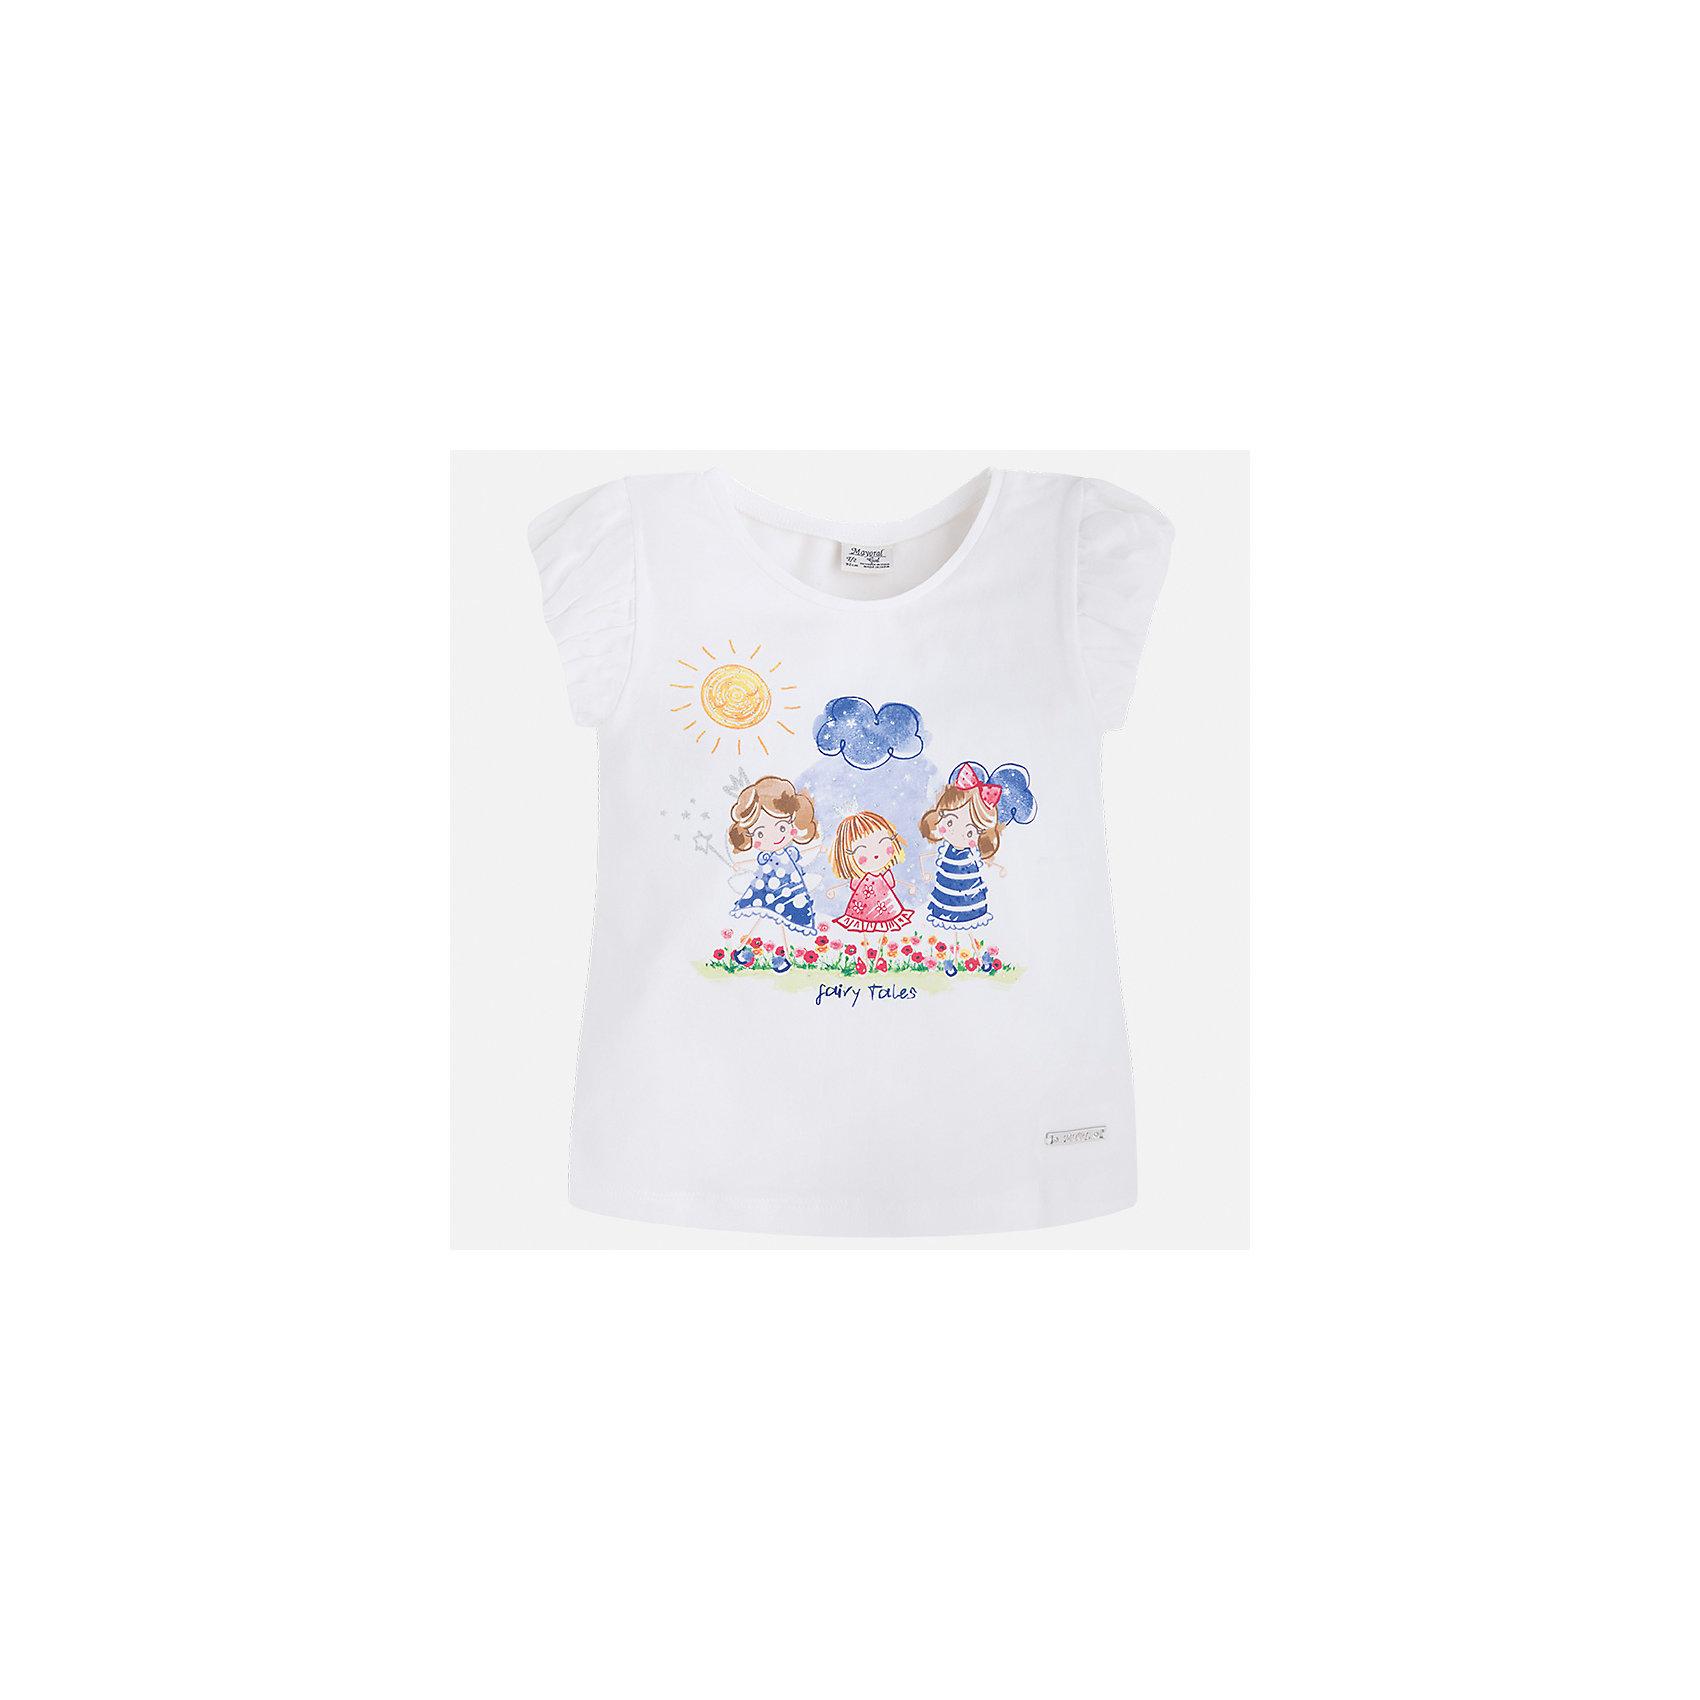 Футболка для девочки MayoralФутболки, поло и топы<br>Характеристики товара:<br><br>• цвет: белый<br>• состав: 92% хлопок, 8% эластан<br>• логотип<br>• округлый горловой вырез<br>• короткие рукава<br>• принт<br>• страна бренда: Испания<br><br>Стильная качественная футболка для девочки поможет разнообразить гардероб ребенка и украсить наряд. Она отлично сочетается и с юбками, и с шортами, и с брюками. Универсальный цвет позволяет подобрать к вещи низ практически любой расцветки. Интересная отделка модели делает её нарядной и оригинальной. В составе ткани преобладает натуральный хлопок, гипоаллергенный, приятный на ощупь, дышащий.<br><br>Одежда, обувь и аксессуары от испанского бренда Mayoral полюбились детям и взрослым по всему миру. Модели этой марки - стильные и удобные. Для их производства используются только безопасные, качественные материалы и фурнитура. Порадуйте ребенка модными и красивыми вещами от Mayoral! <br><br>Футболку для девочки от испанского бренда Mayoral (Майорал) можно купить в нашем интернет-магазине.<br><br>Ширина мм: 199<br>Глубина мм: 10<br>Высота мм: 161<br>Вес г: 151<br>Цвет: синий<br>Возраст от месяцев: 96<br>Возраст до месяцев: 108<br>Пол: Женский<br>Возраст: Детский<br>Размер: 134,92,98,104,110,116,122,128<br>SKU: 5289253